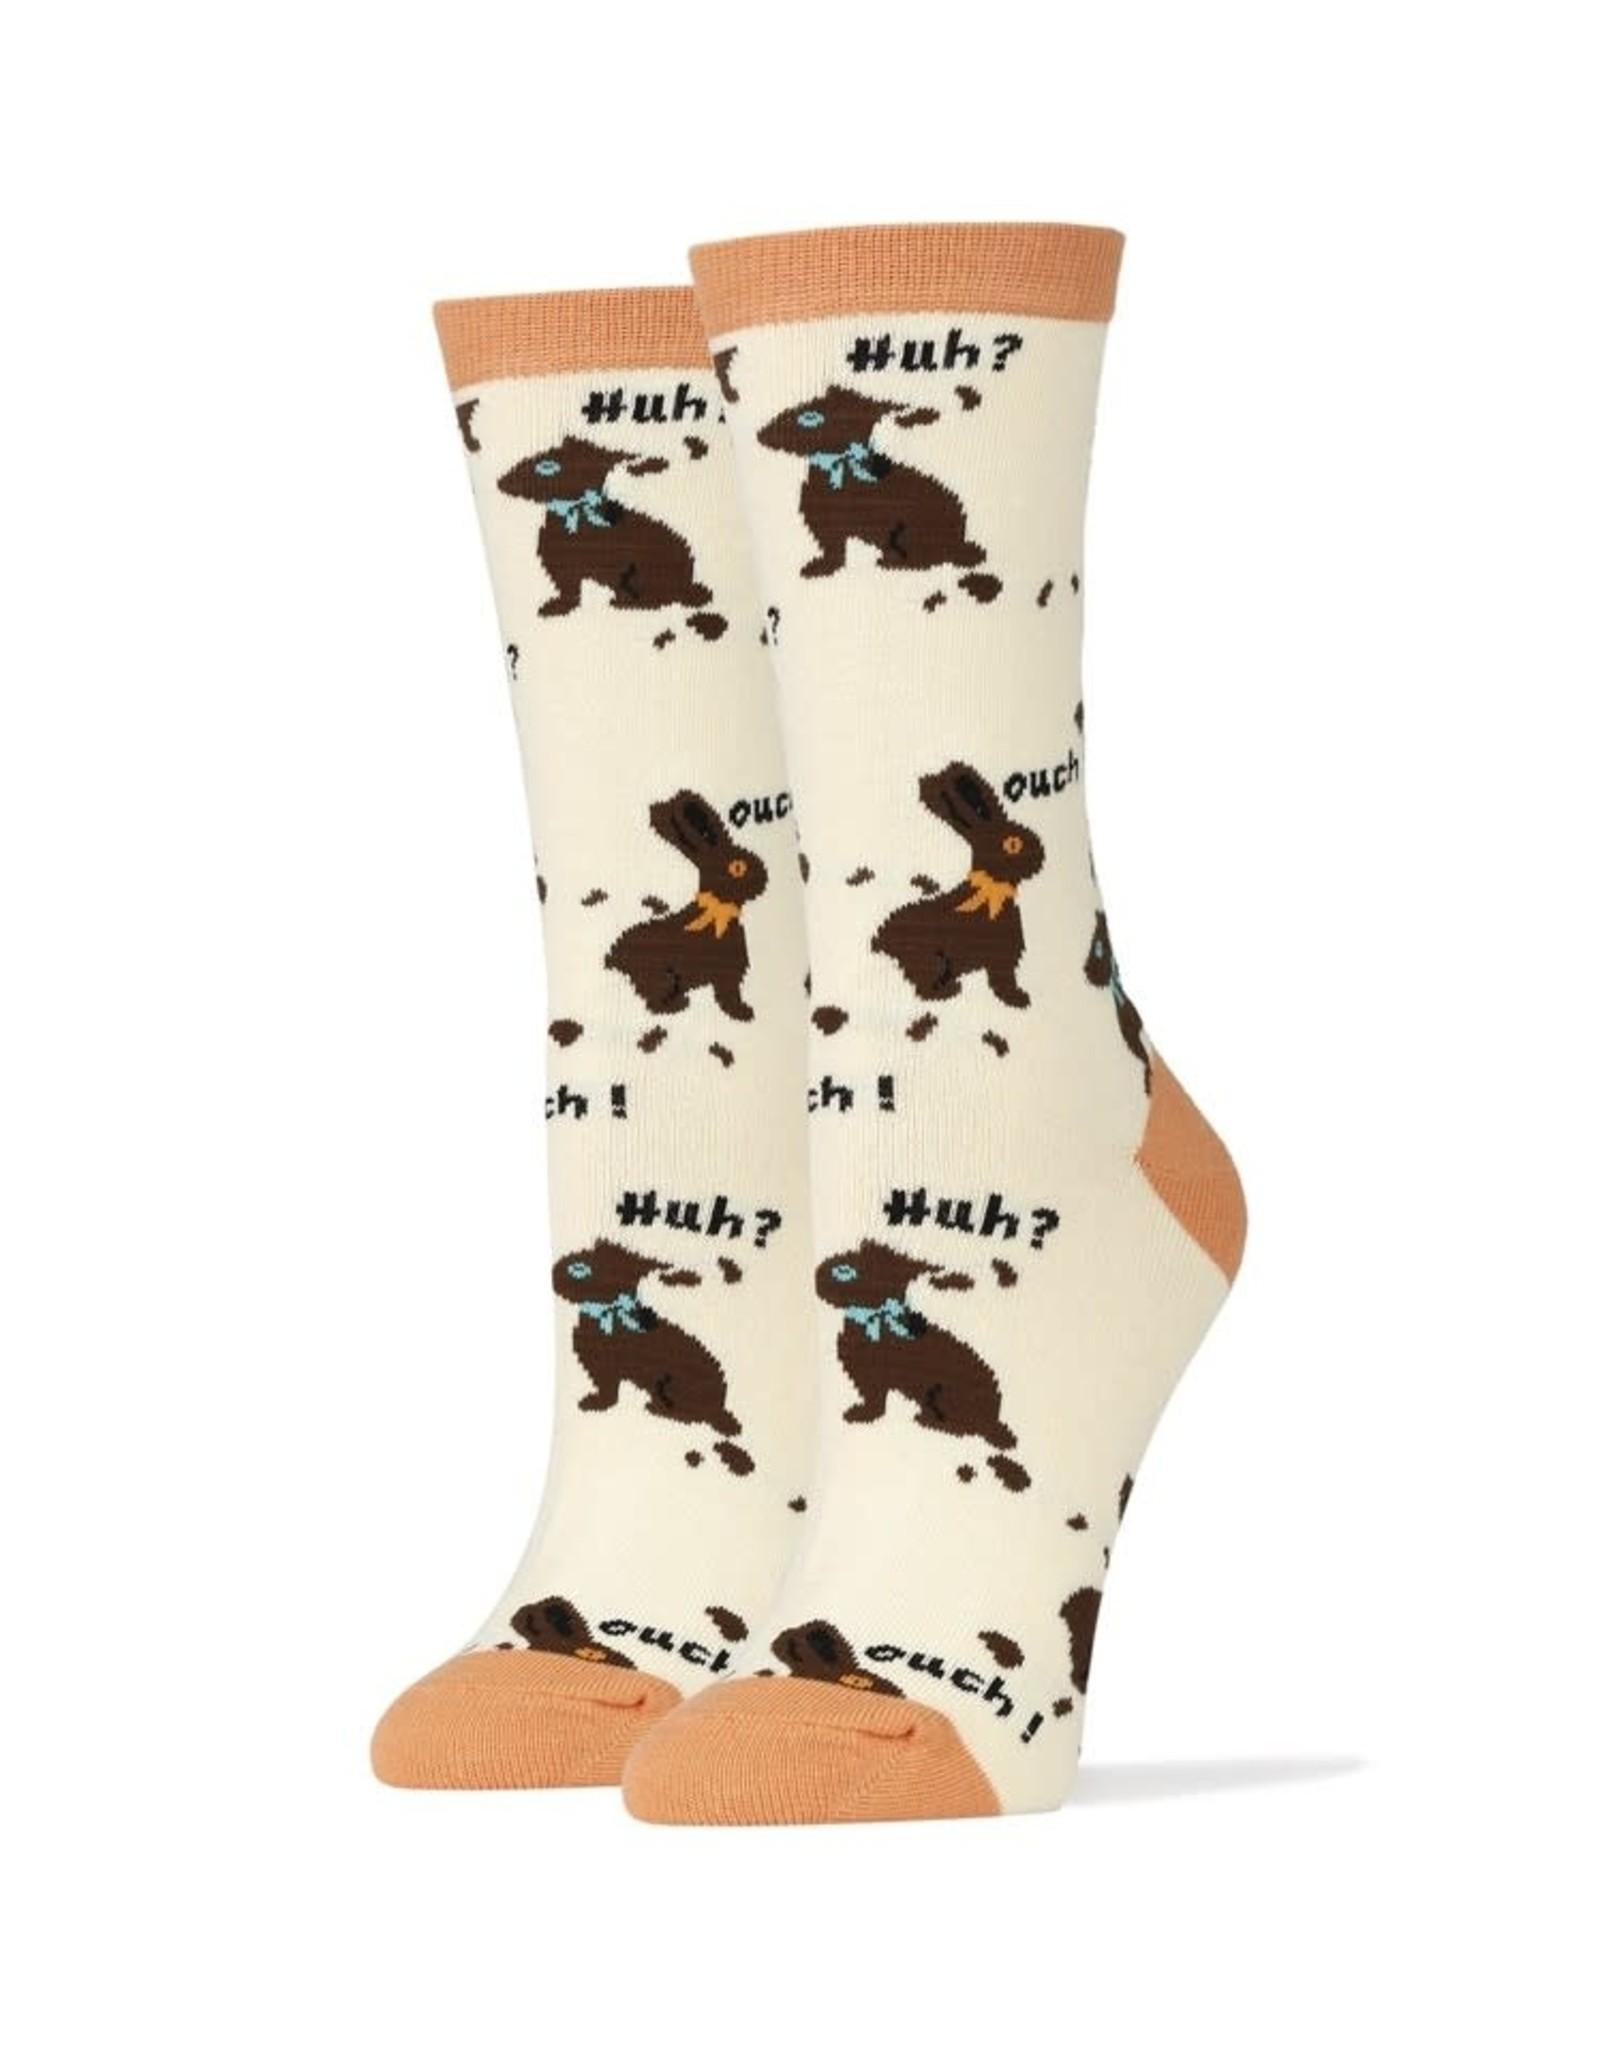 Socks (Womens) - Huh